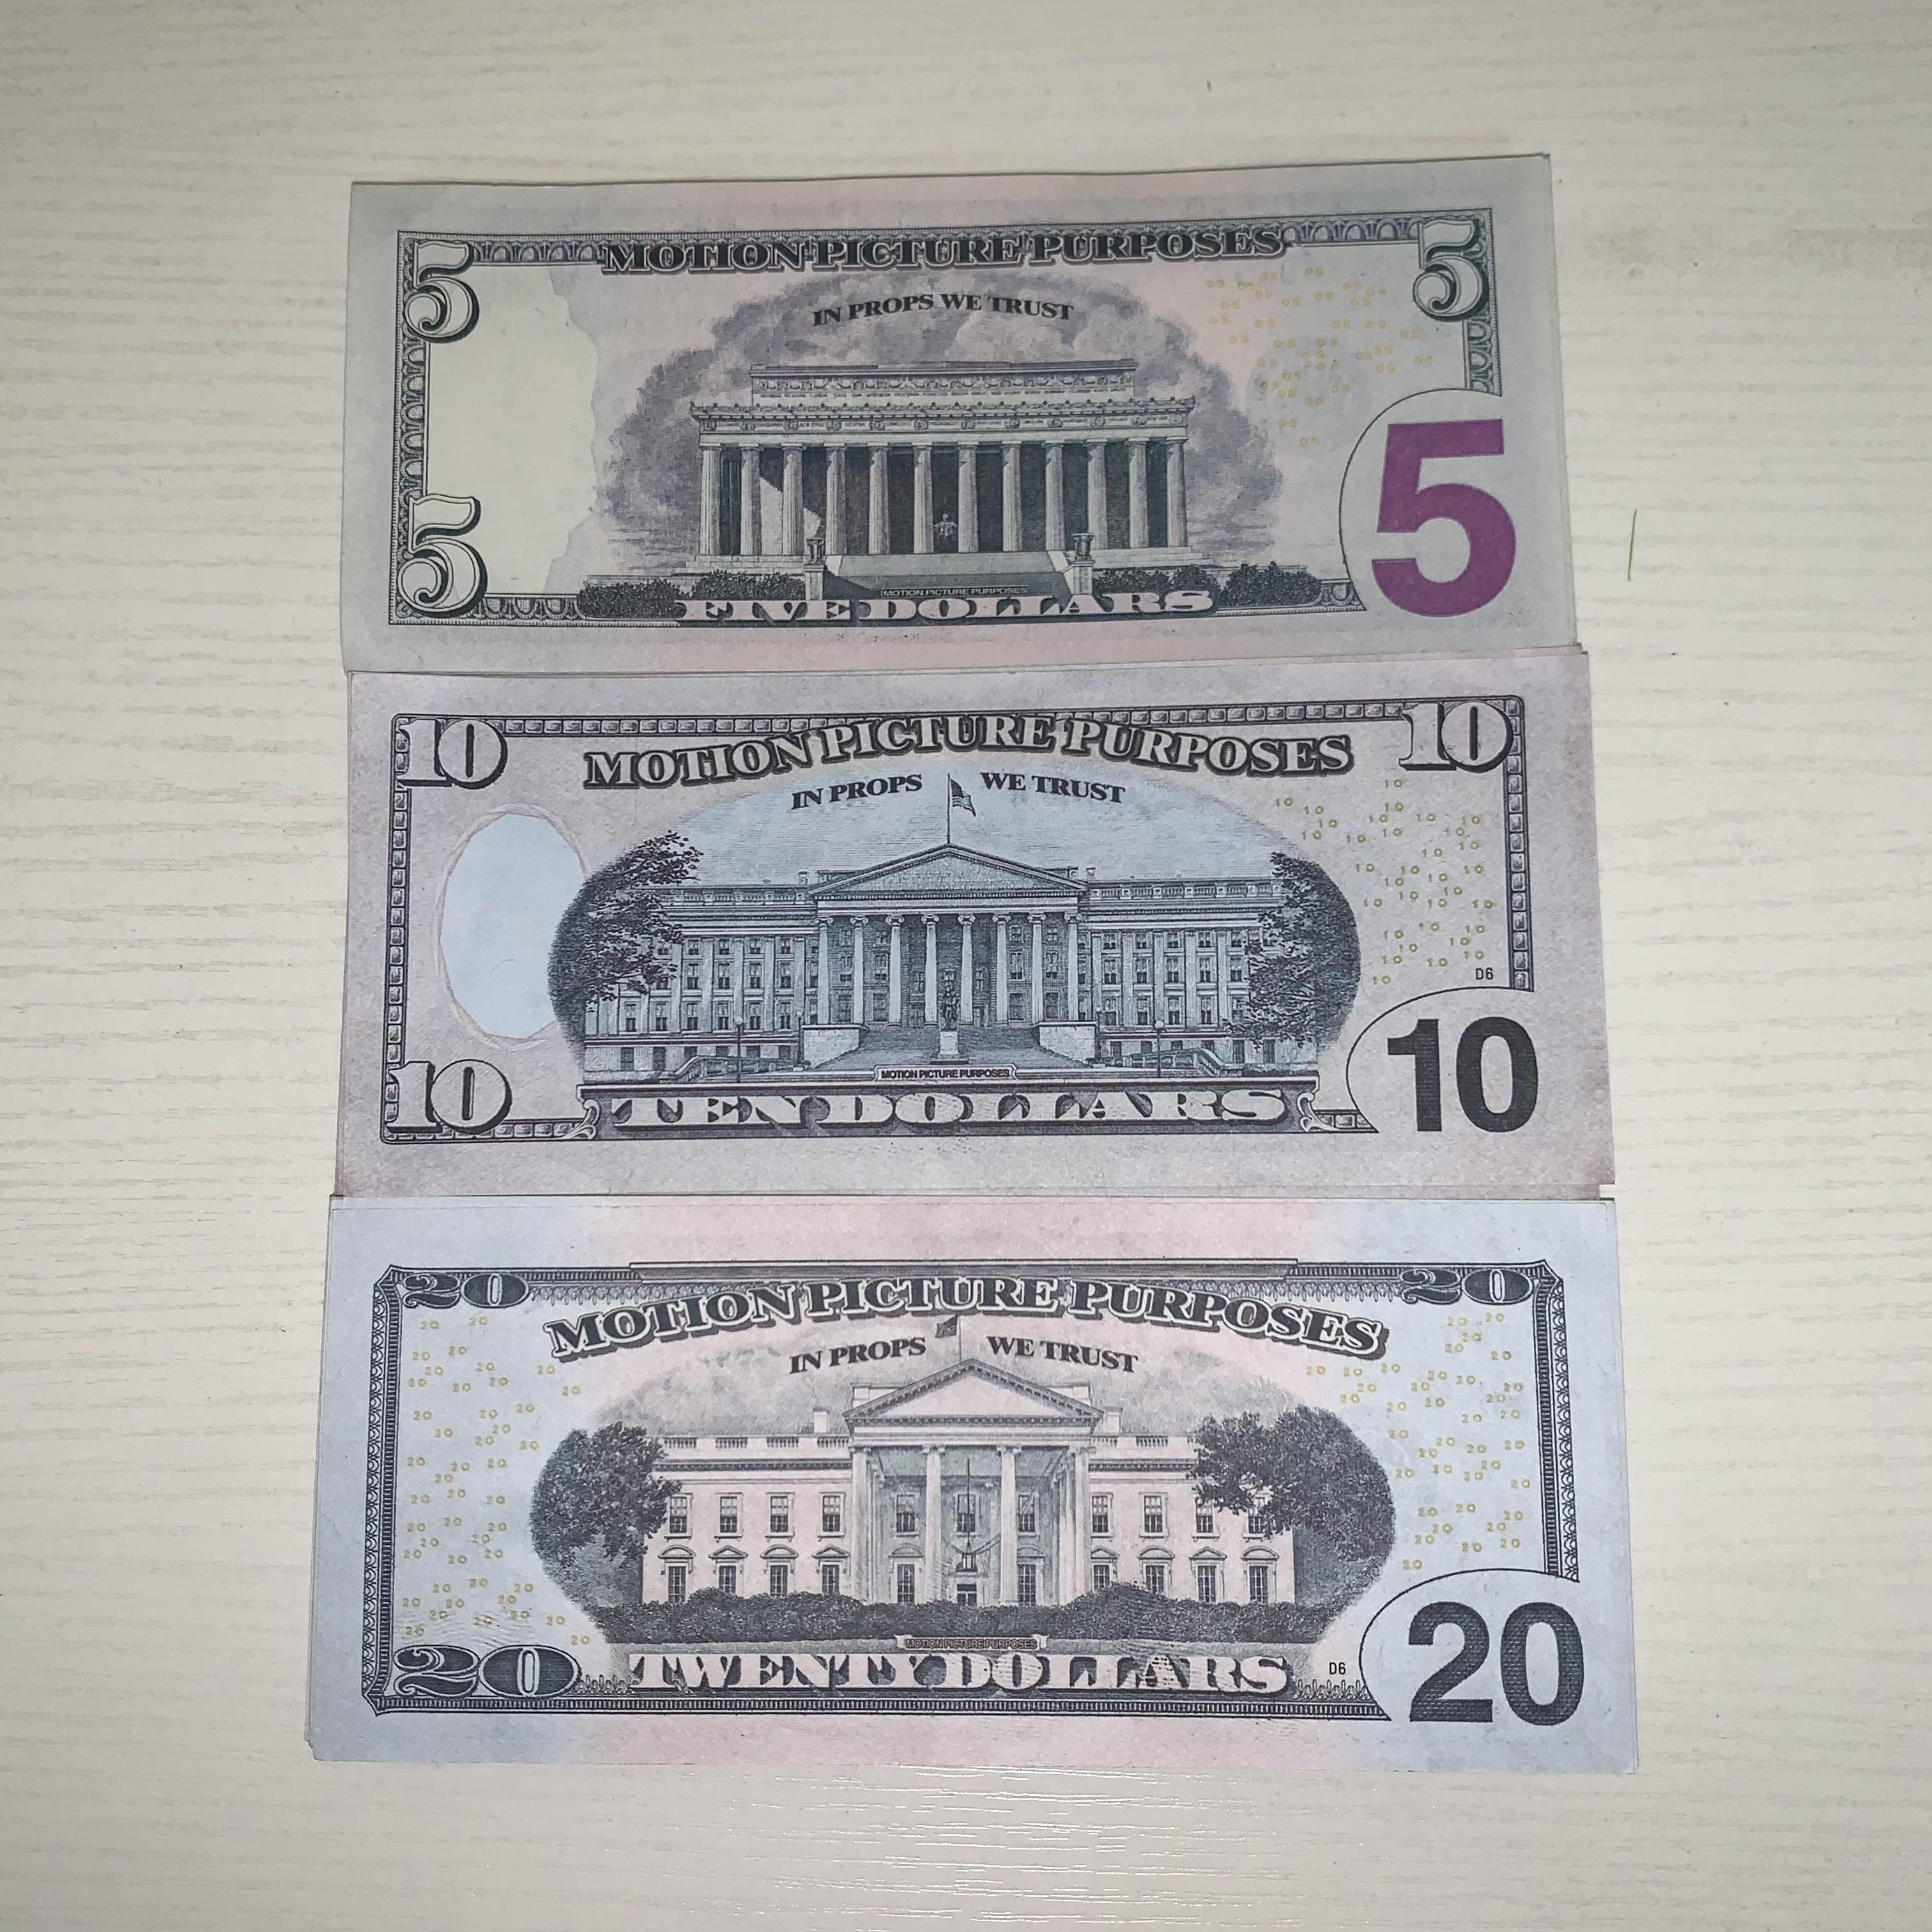 Die neuen 100 heißen Simulationspapierwährung gefälschte Gelddollar-Spoof-Spiel-Praxis-Währung, die T-T-TOKE 139 zählt